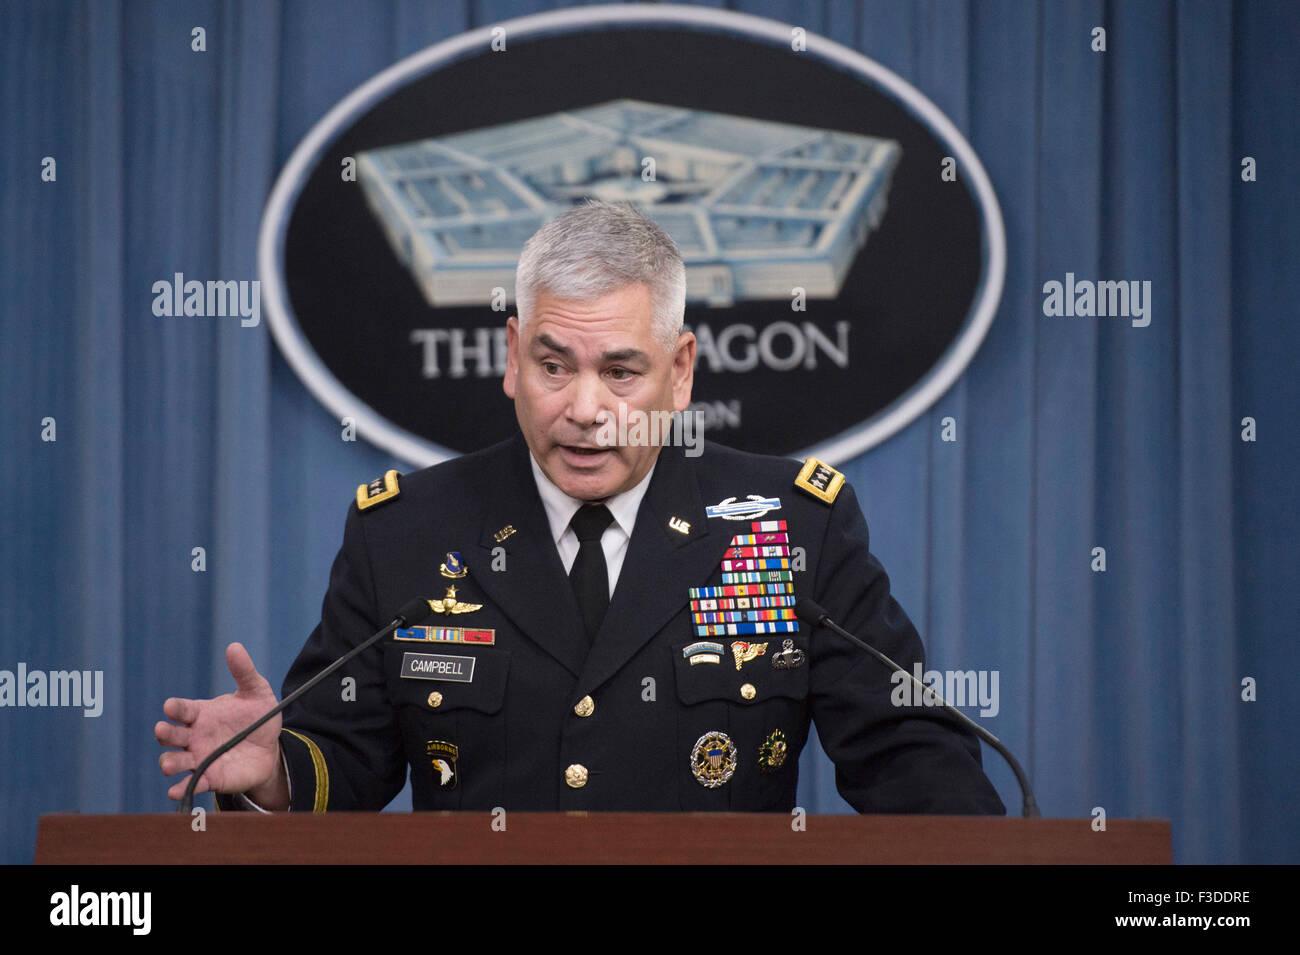 Arlington, Virginia, EE.UU. El 05 de octubre de 2015. Gen. estadounidense John F. Campbell, comandante de las fuerzas Foto de stock